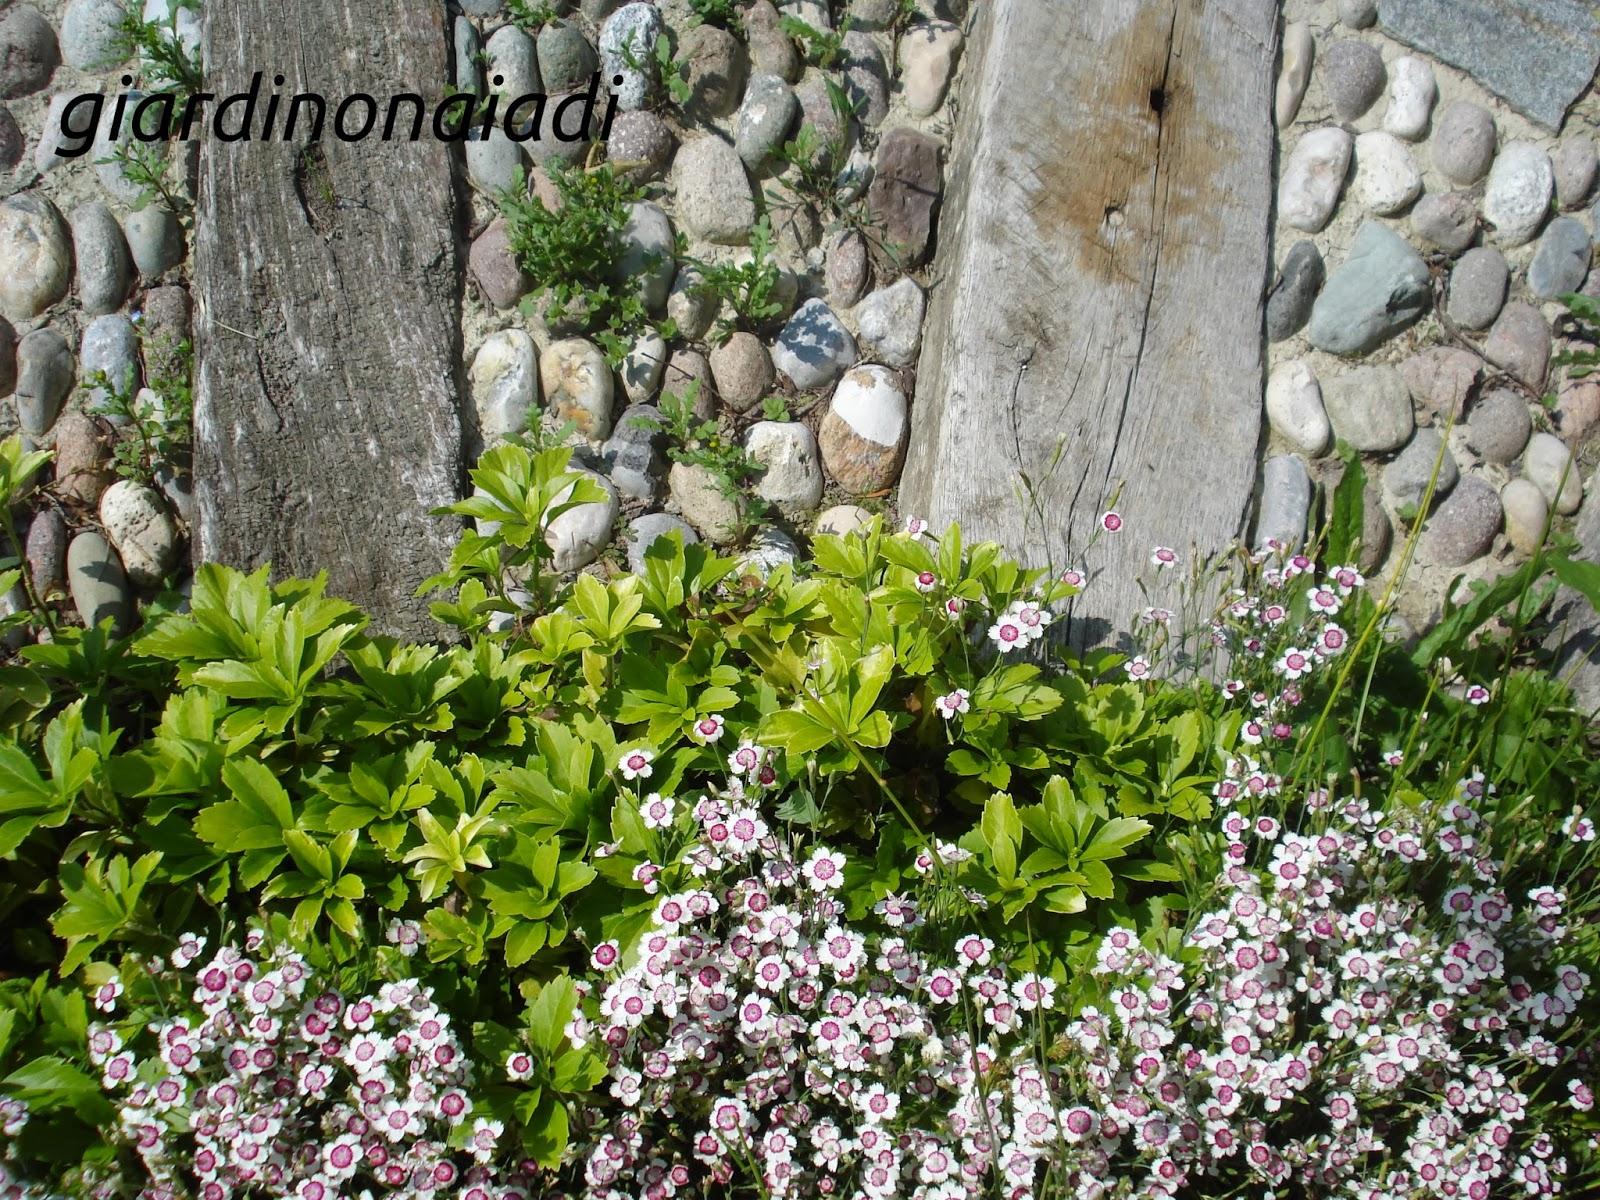 Il giardino delle naiadi progettare bordure e aiuole for Arbusti per aiuole